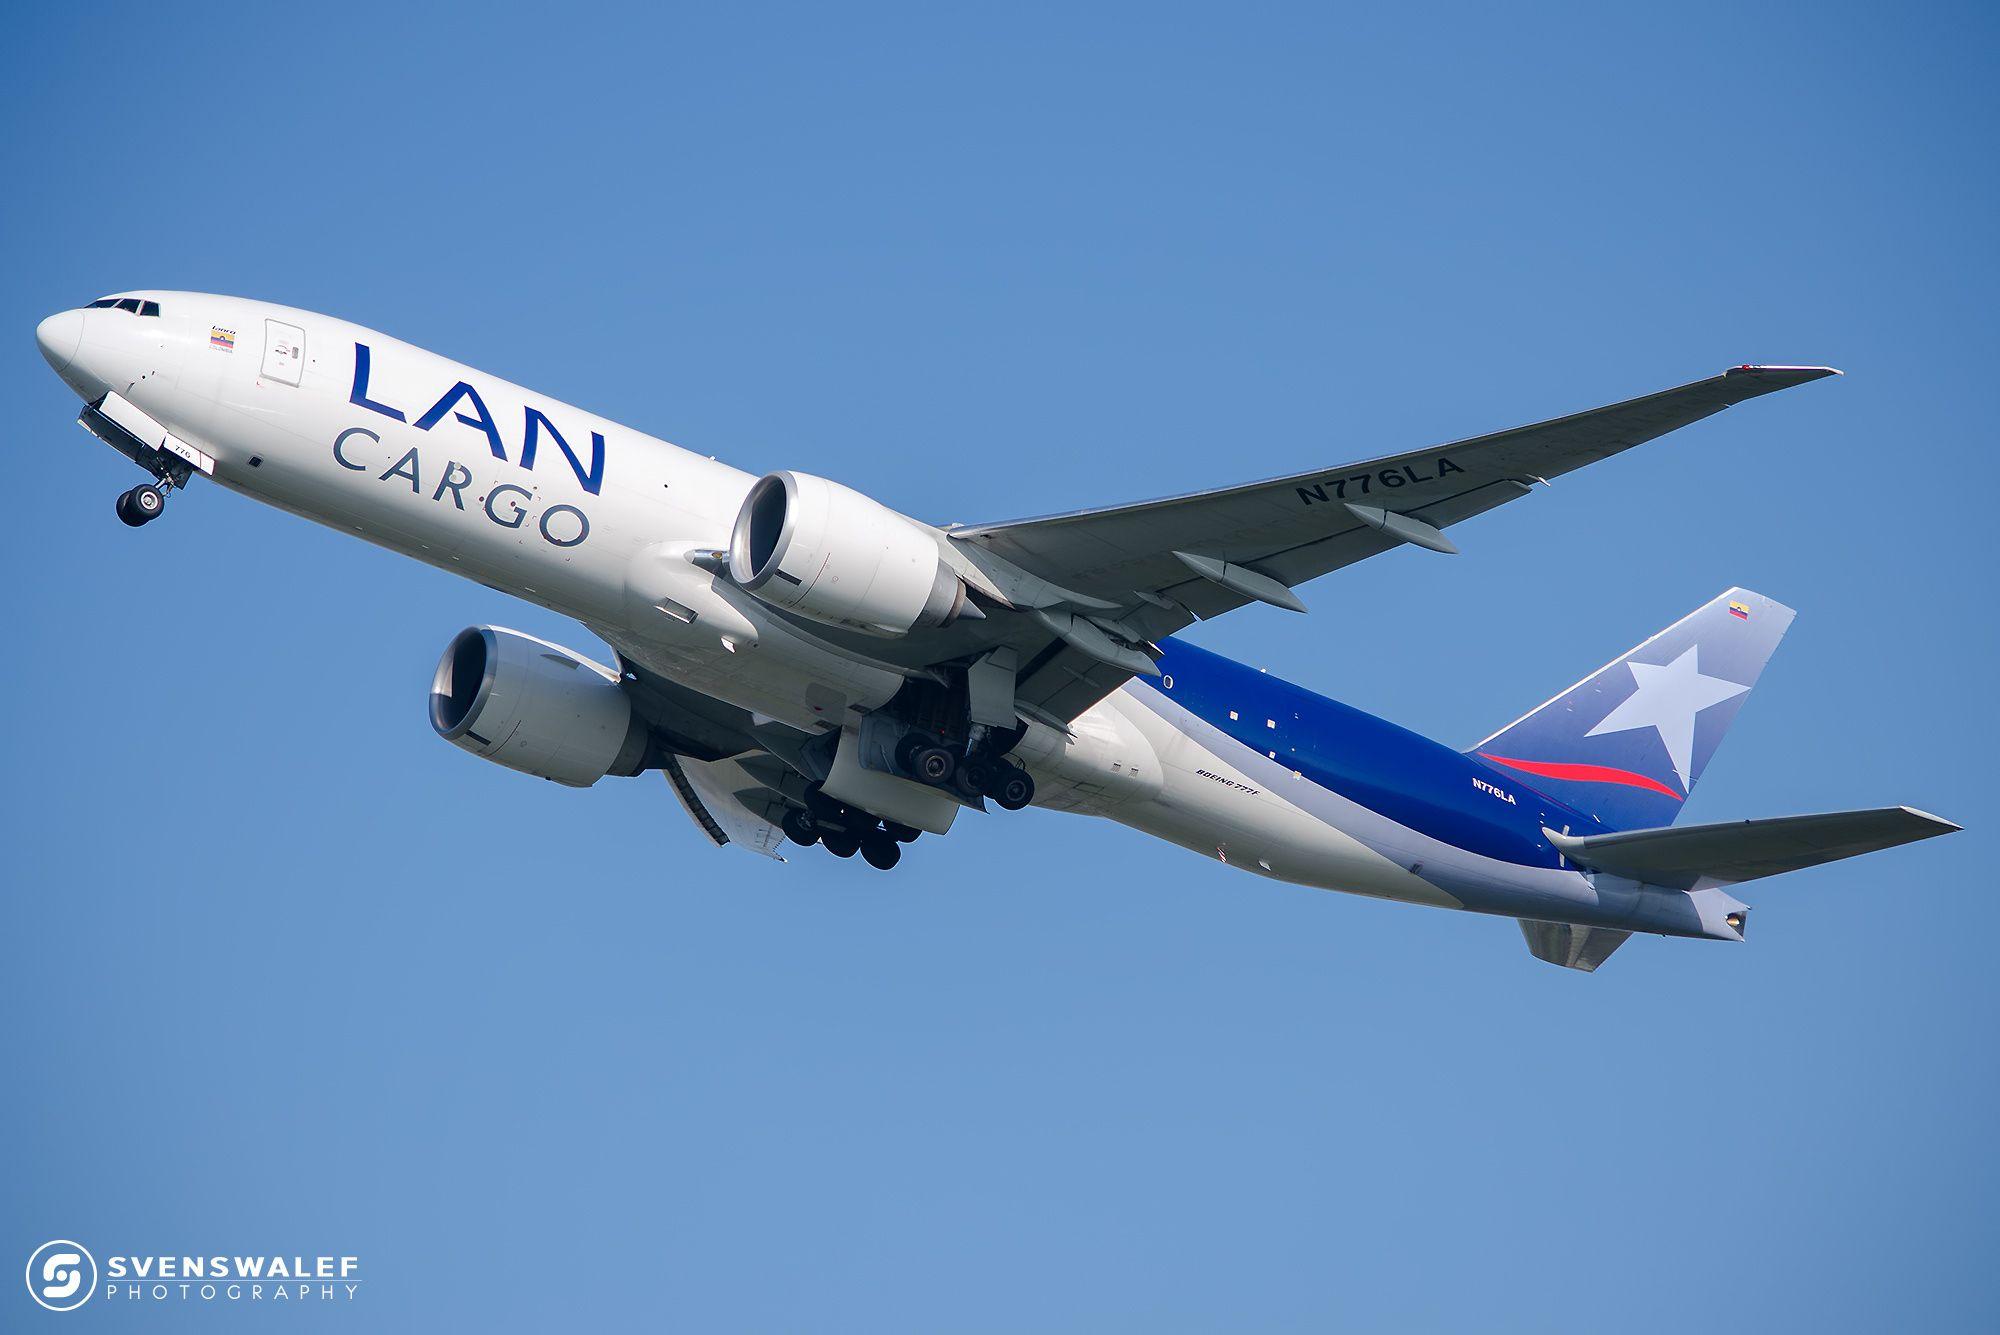 LAN Cargo Boeing 777-F16 takeoff! - LAN Cargo Boeing 777-F16 just